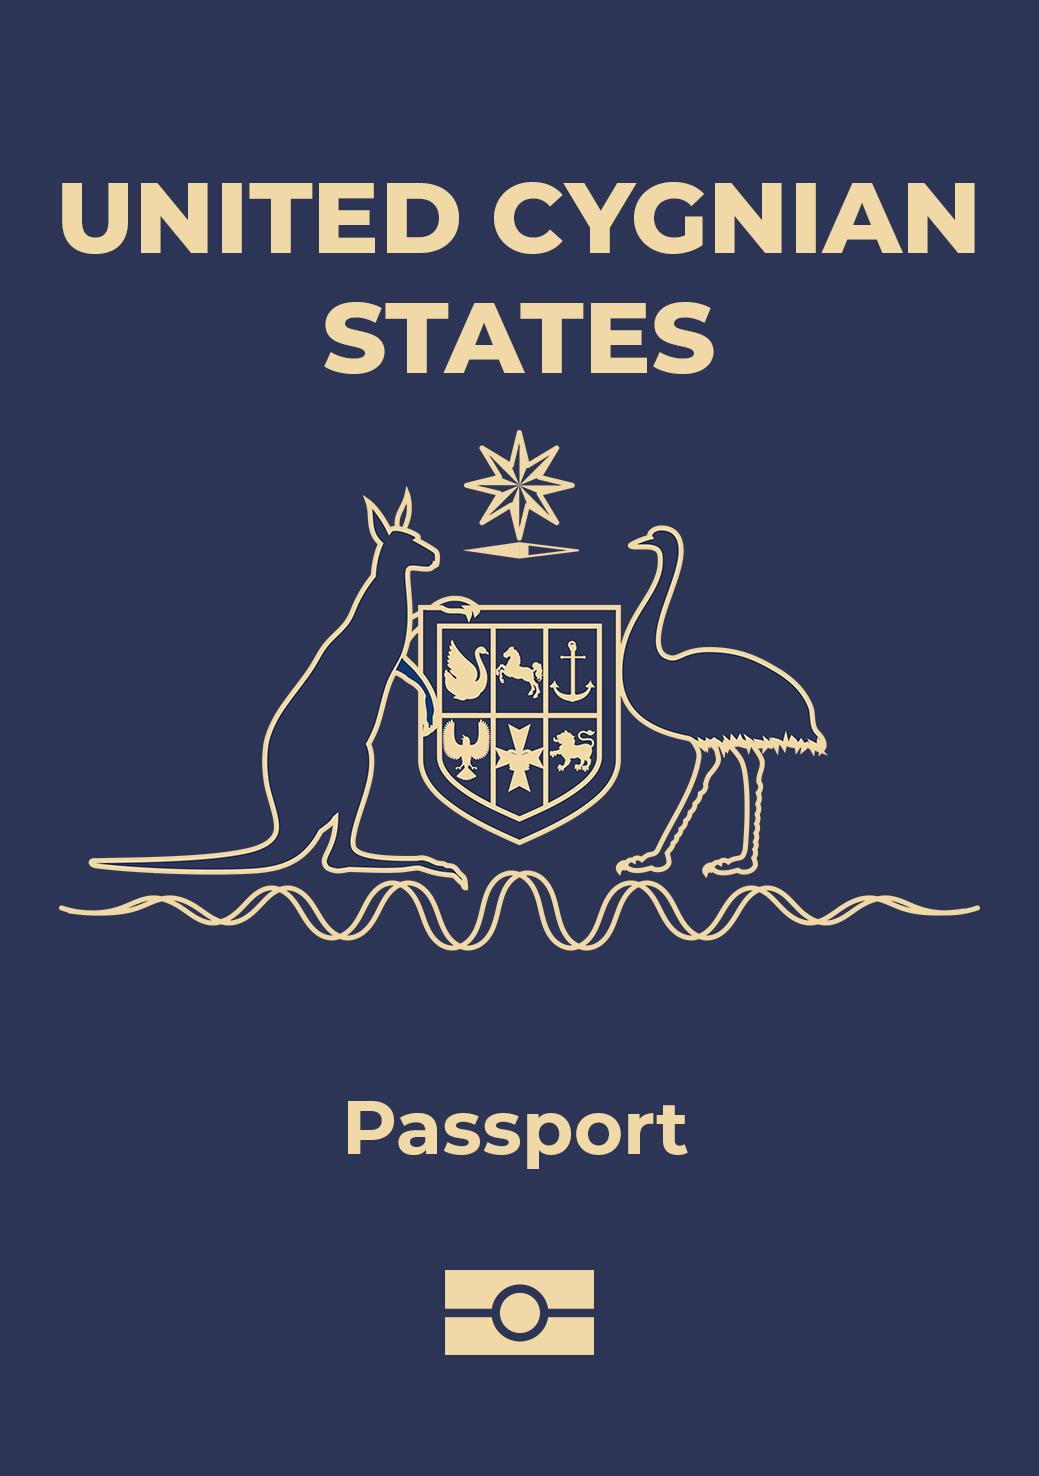 Cygnian passport (Joan of What?)